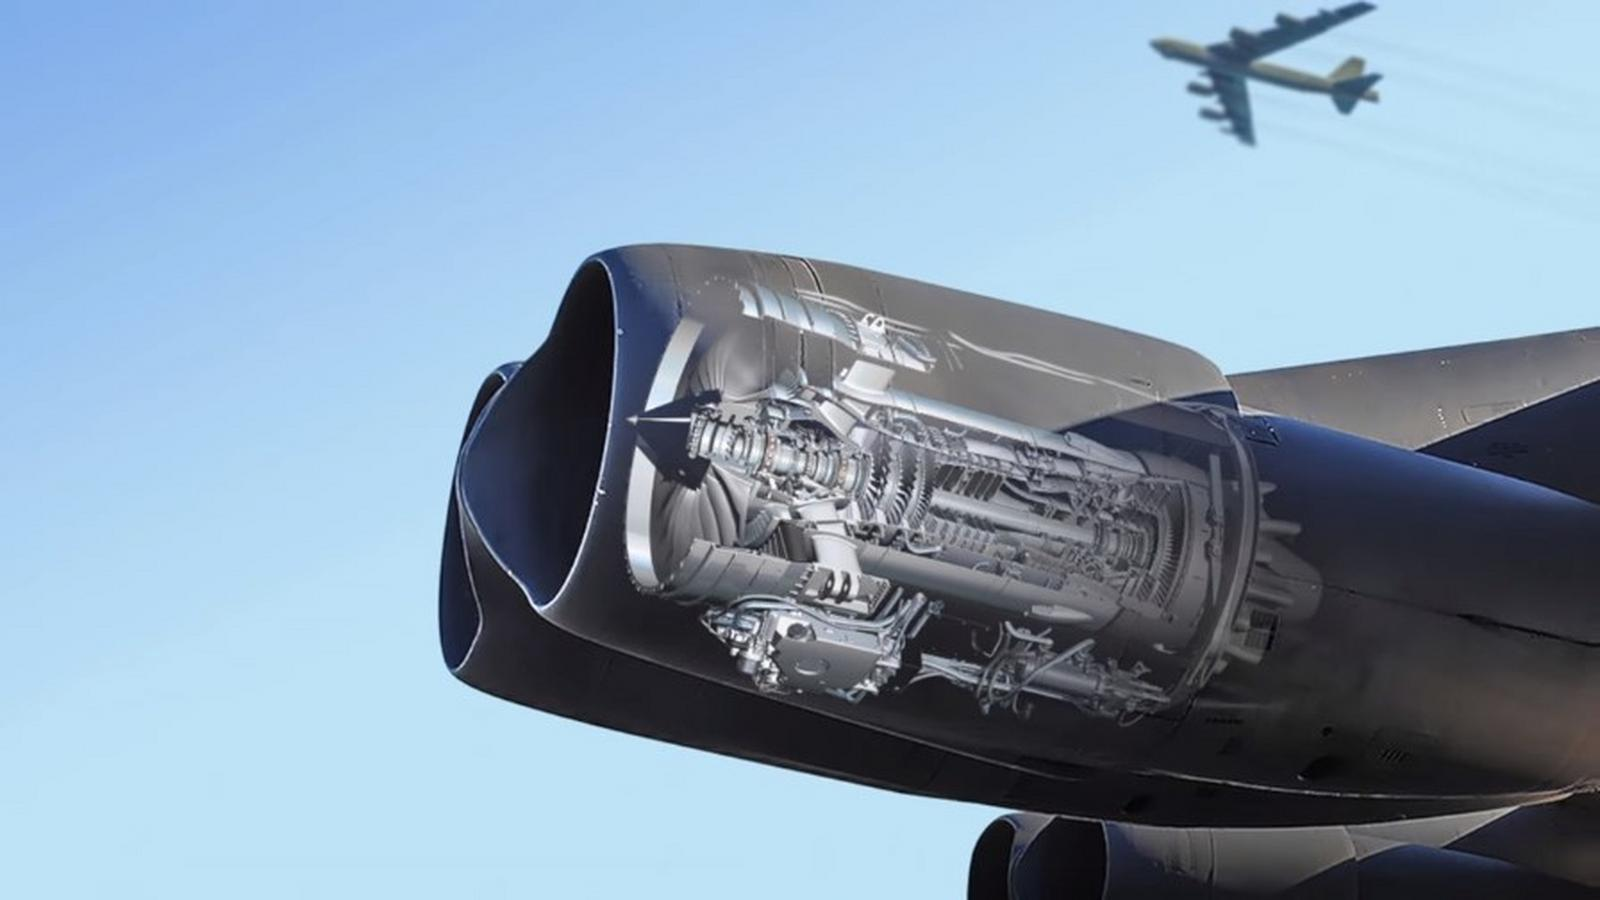 Rolls-Royce dostarczy nowe silniki do bombowców B-52. Kontrakt wart 2,6 mld dol.